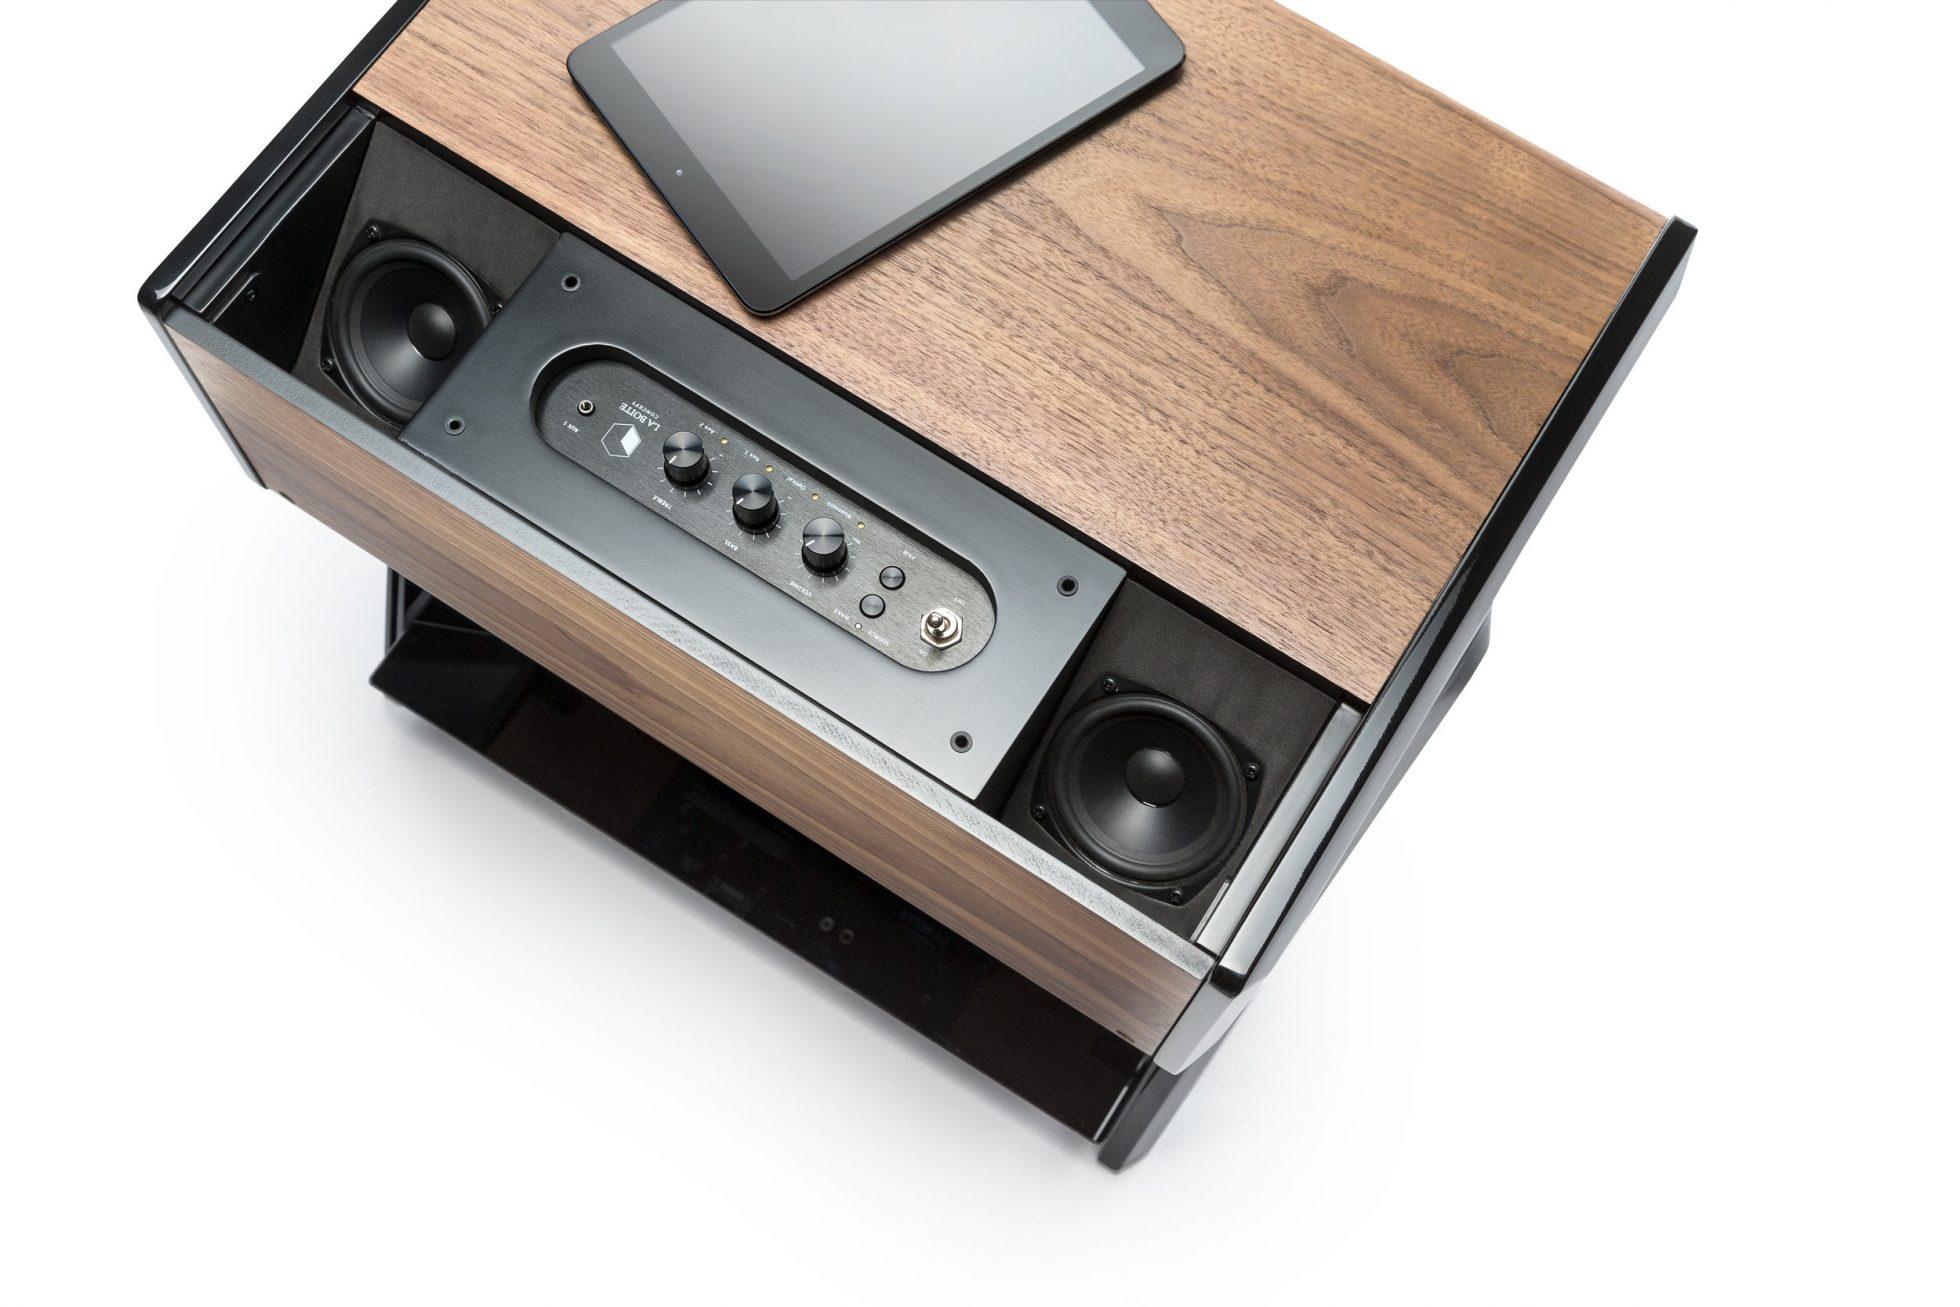 La-Boite-concept-x-Samuel-Accoceberry-Cube-Woody-5-1960x1307